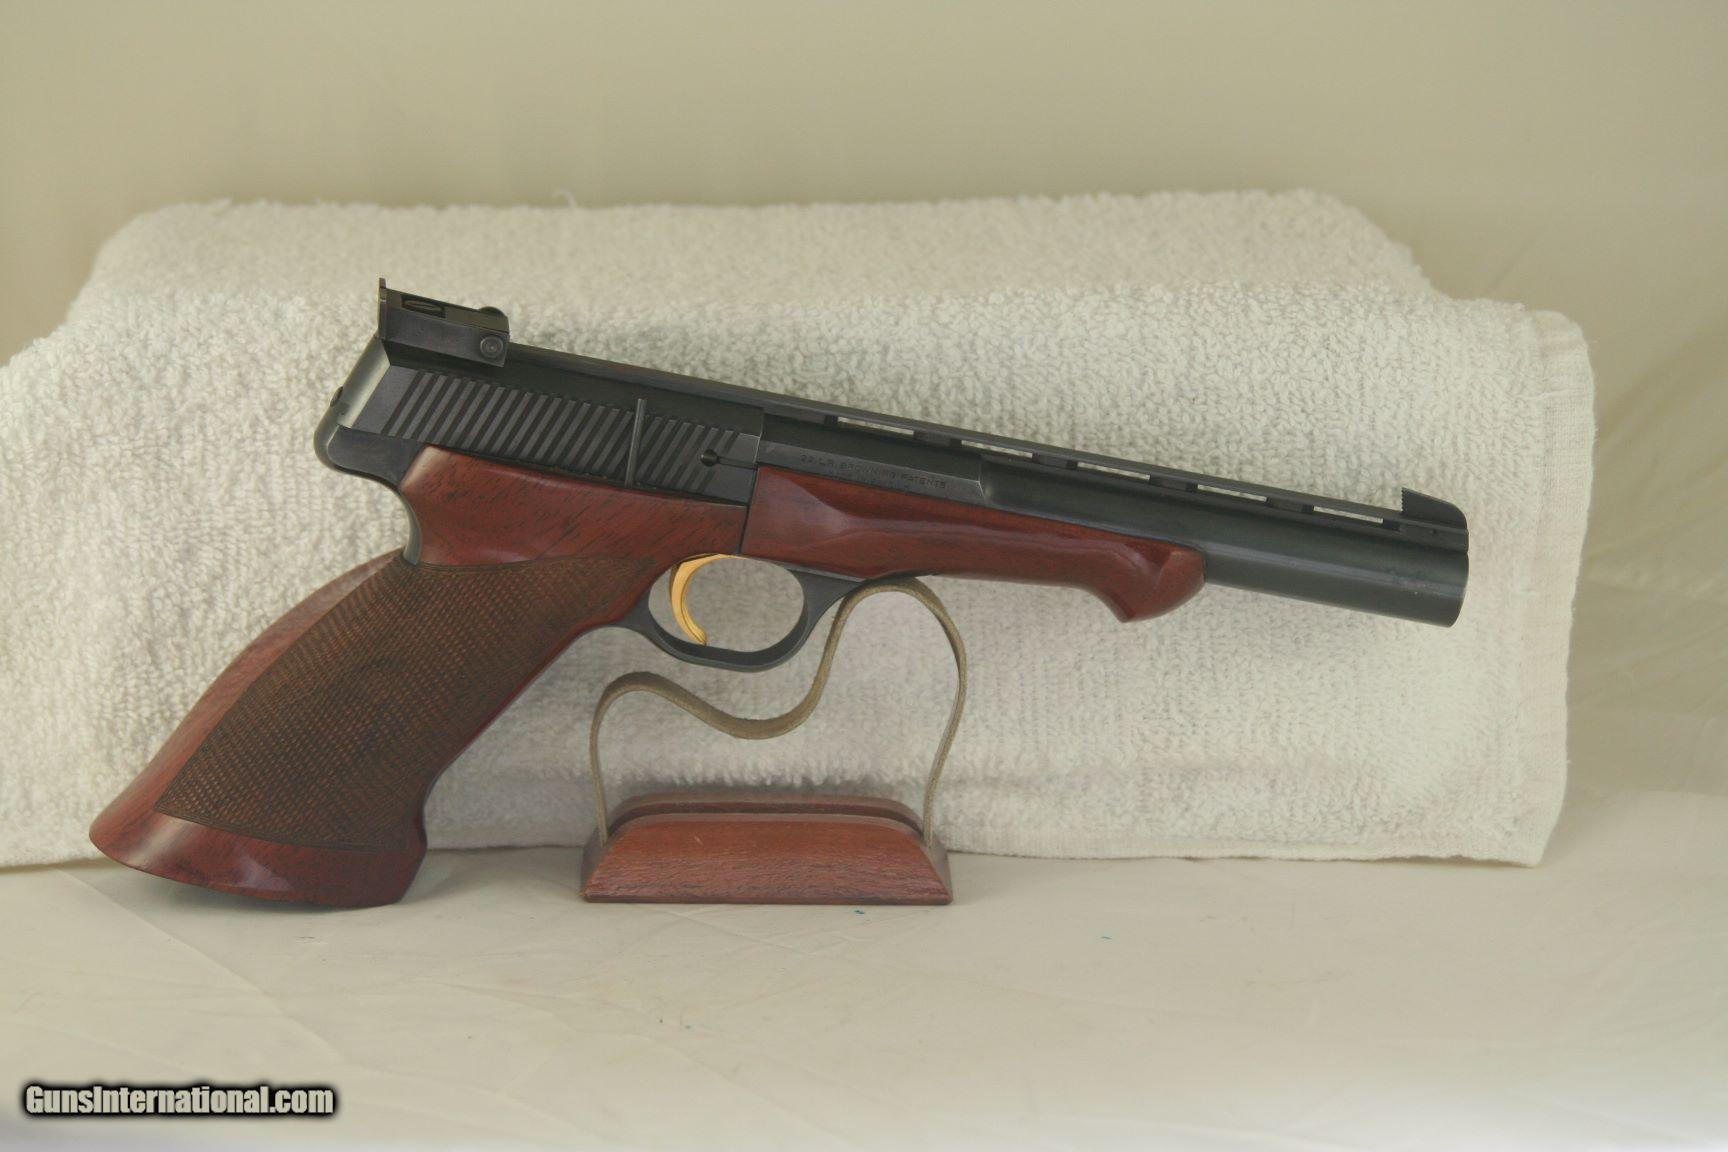 Browning Medalist 22 LR Target pistolBrowning Medalist 22 LR Target pistol